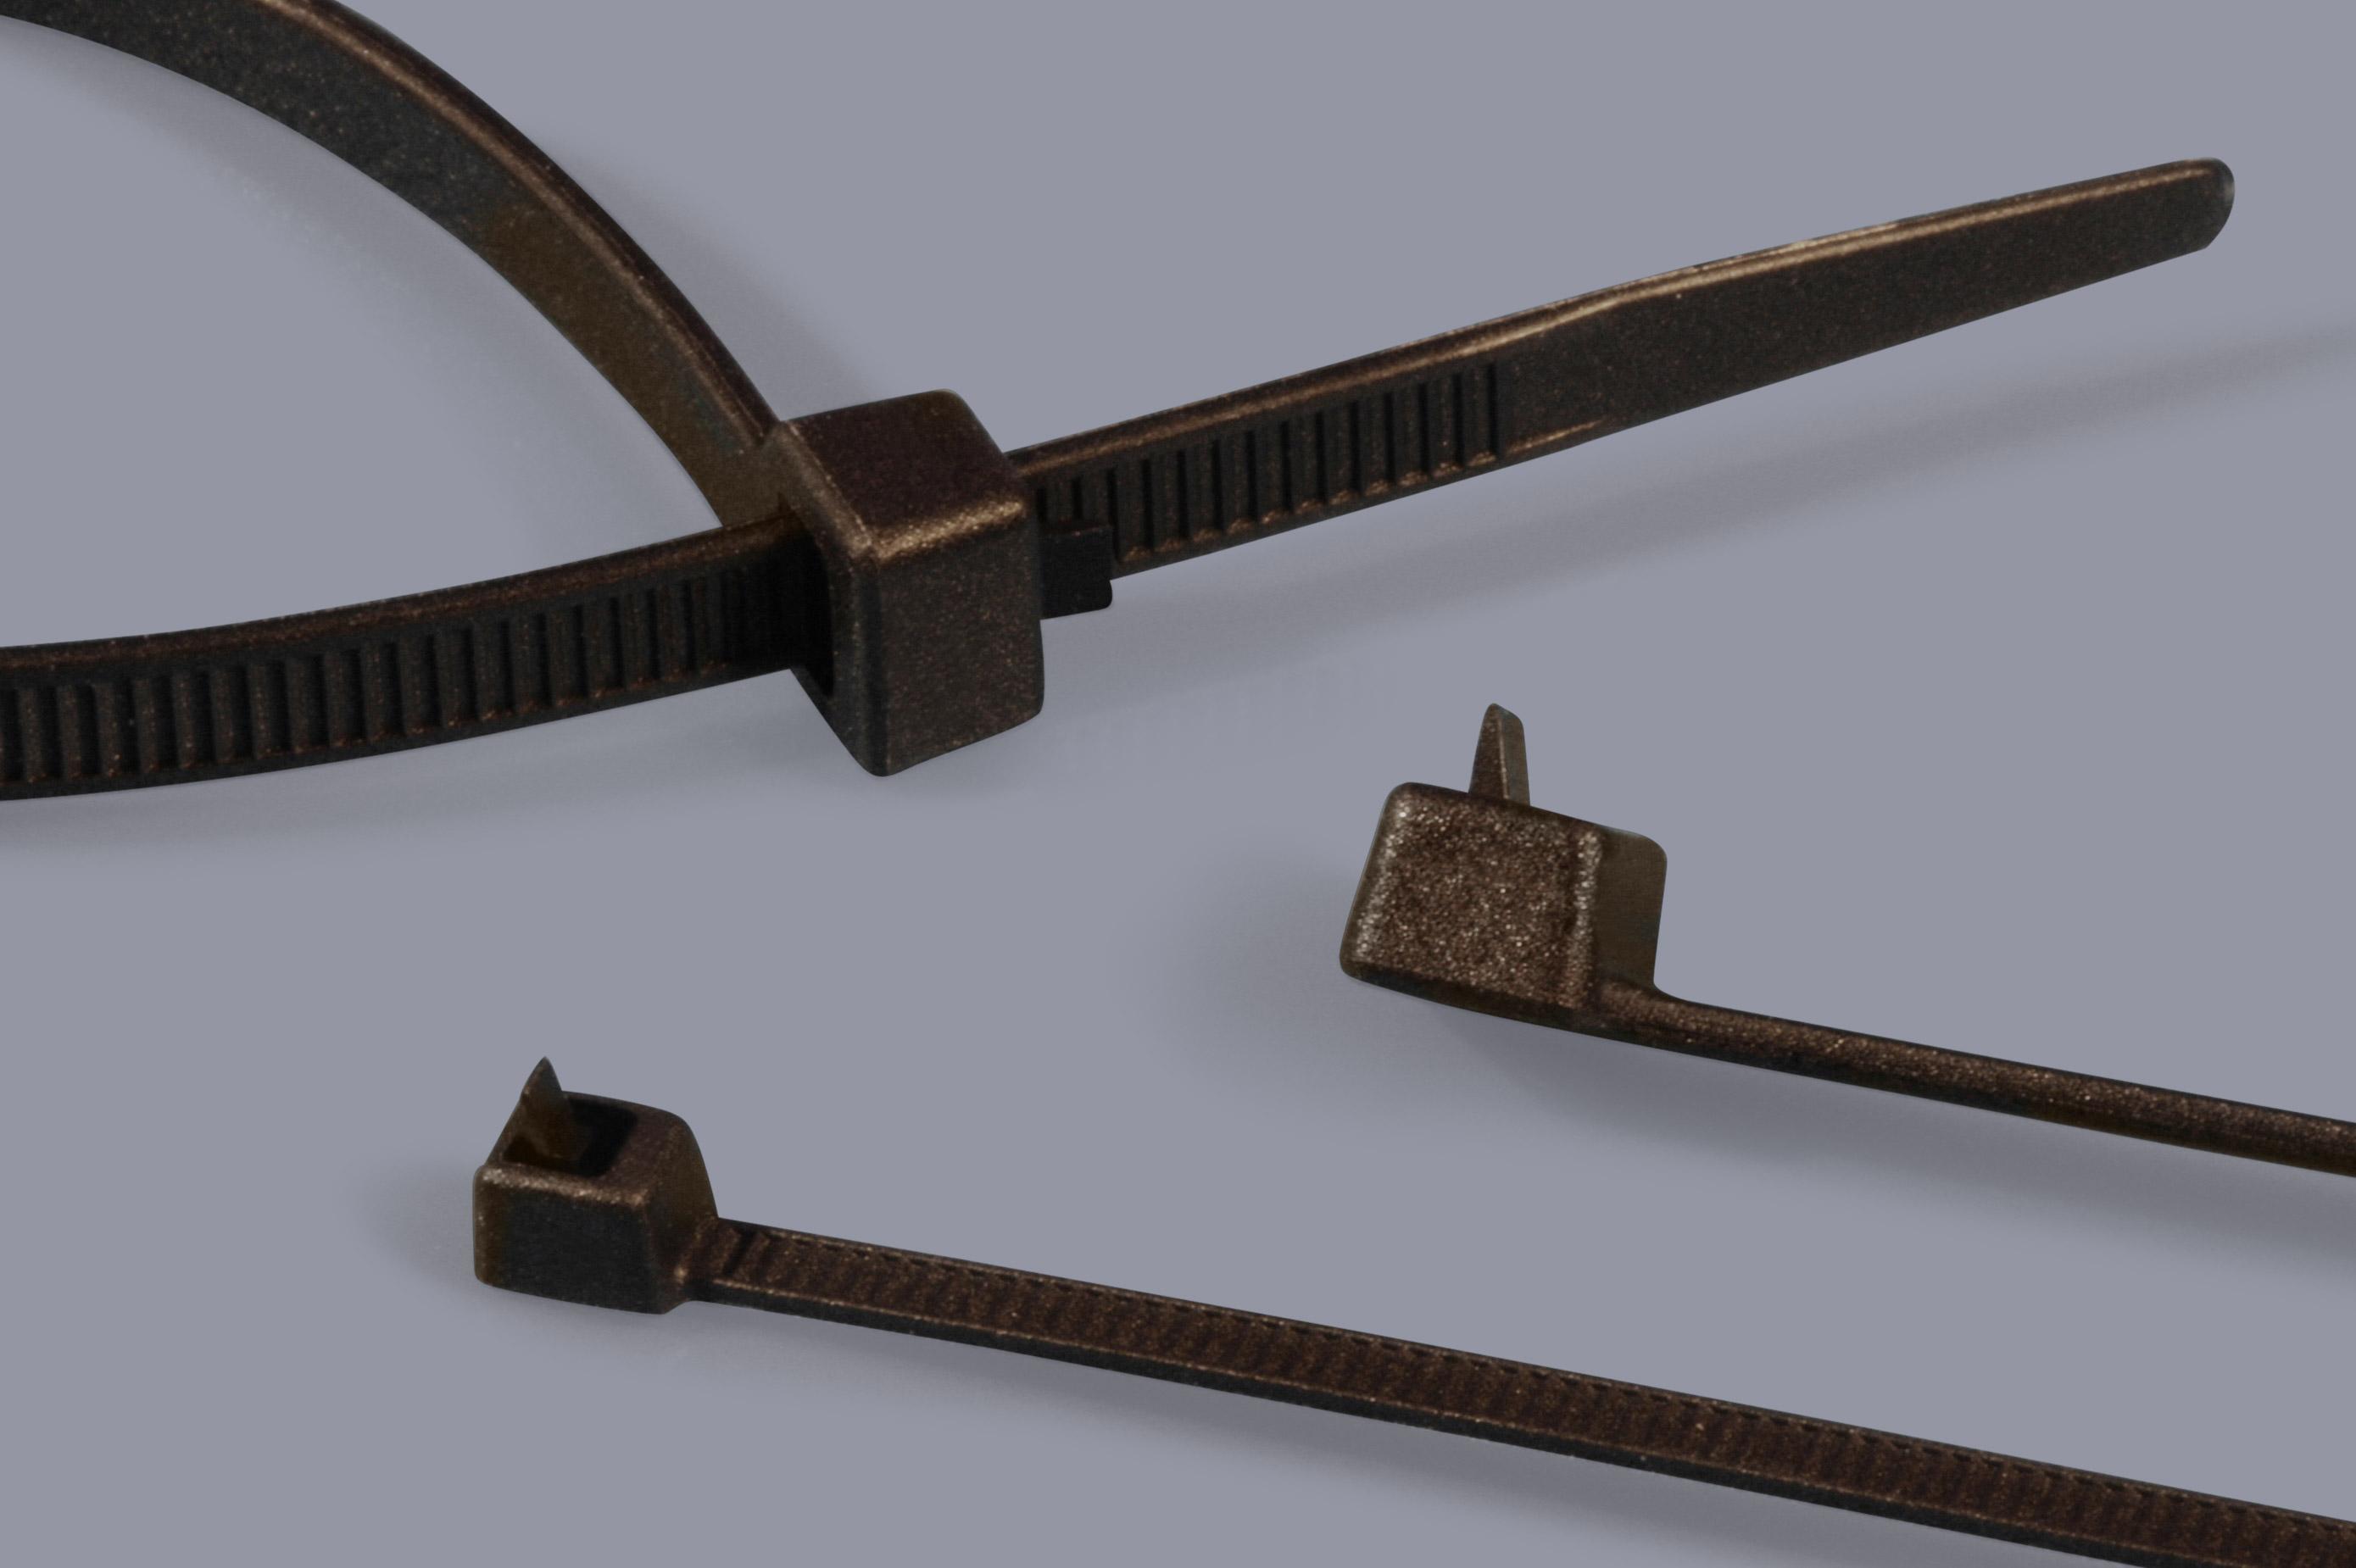 l sbare kabelbinder kbl 4 7x160s uv ht kabelbinder l sbar hitzebest ndig uv best ndig pa. Black Bedroom Furniture Sets. Home Design Ideas